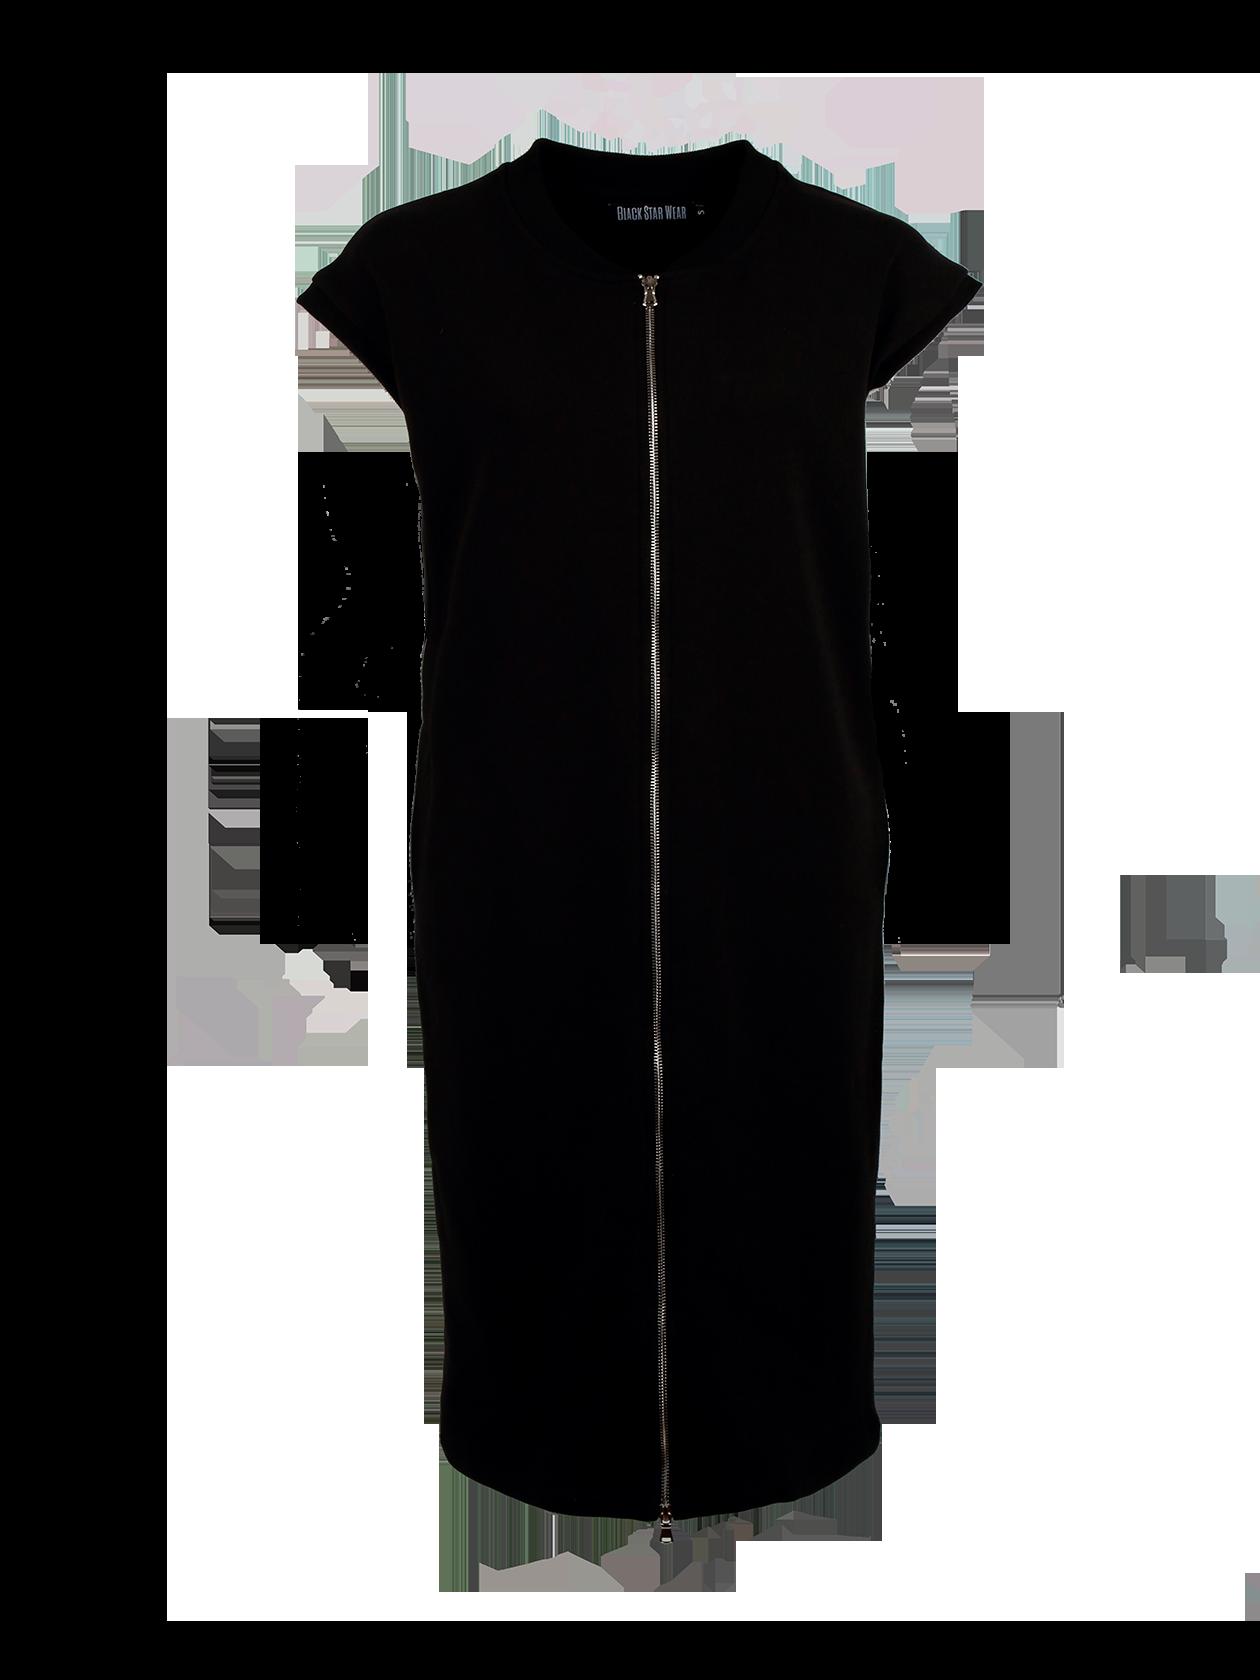 Платье-бомбер женское BASIC VESTПлатье-бомбер женское Basic Vest – актуальная вещь для создания стиля на каждый день. Модель прямого свободного кроя с длиной чуть ниже колена. Практичная черная расцветка, лаконичный дизайн позволят сочетать платье-бомбер с любой обувью. Край короткого рукава и горловины отделан эластичной резинкой, по центру переда – серебристая застежка-молния. На внутренней стороне спинки у ворота содержится фирменная нашивка с эмблемой Black Star Wear. Изделие сшито из высококачественного материала на основе натурального хлопка.<br><br>Размер: M<br>Цвет: Черный<br>Пол: Женский